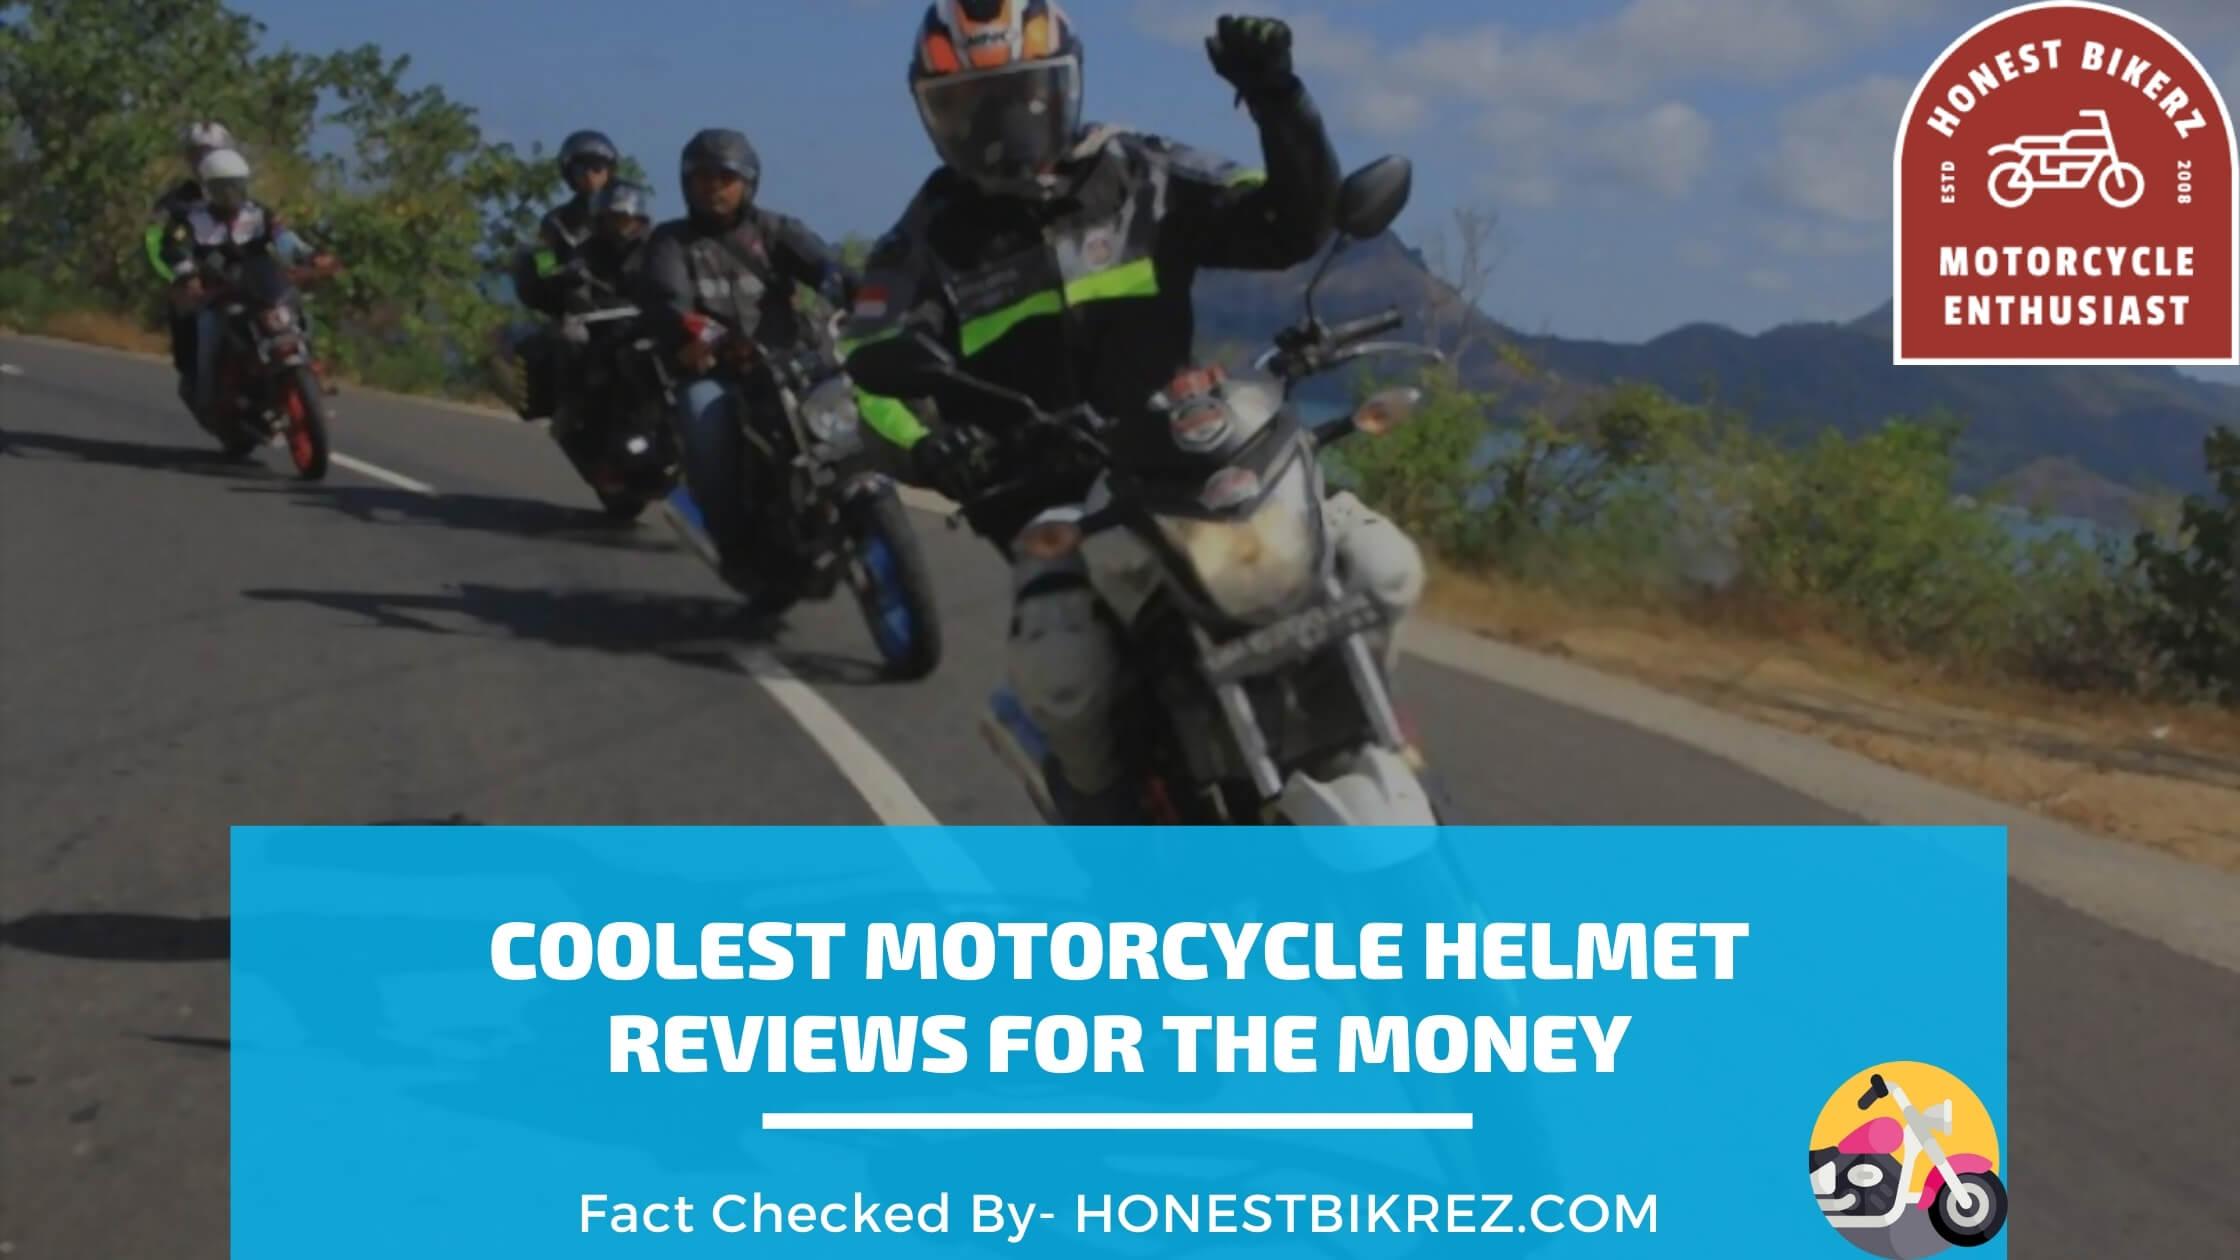 Coolest Motorcycle Helmet Reviews